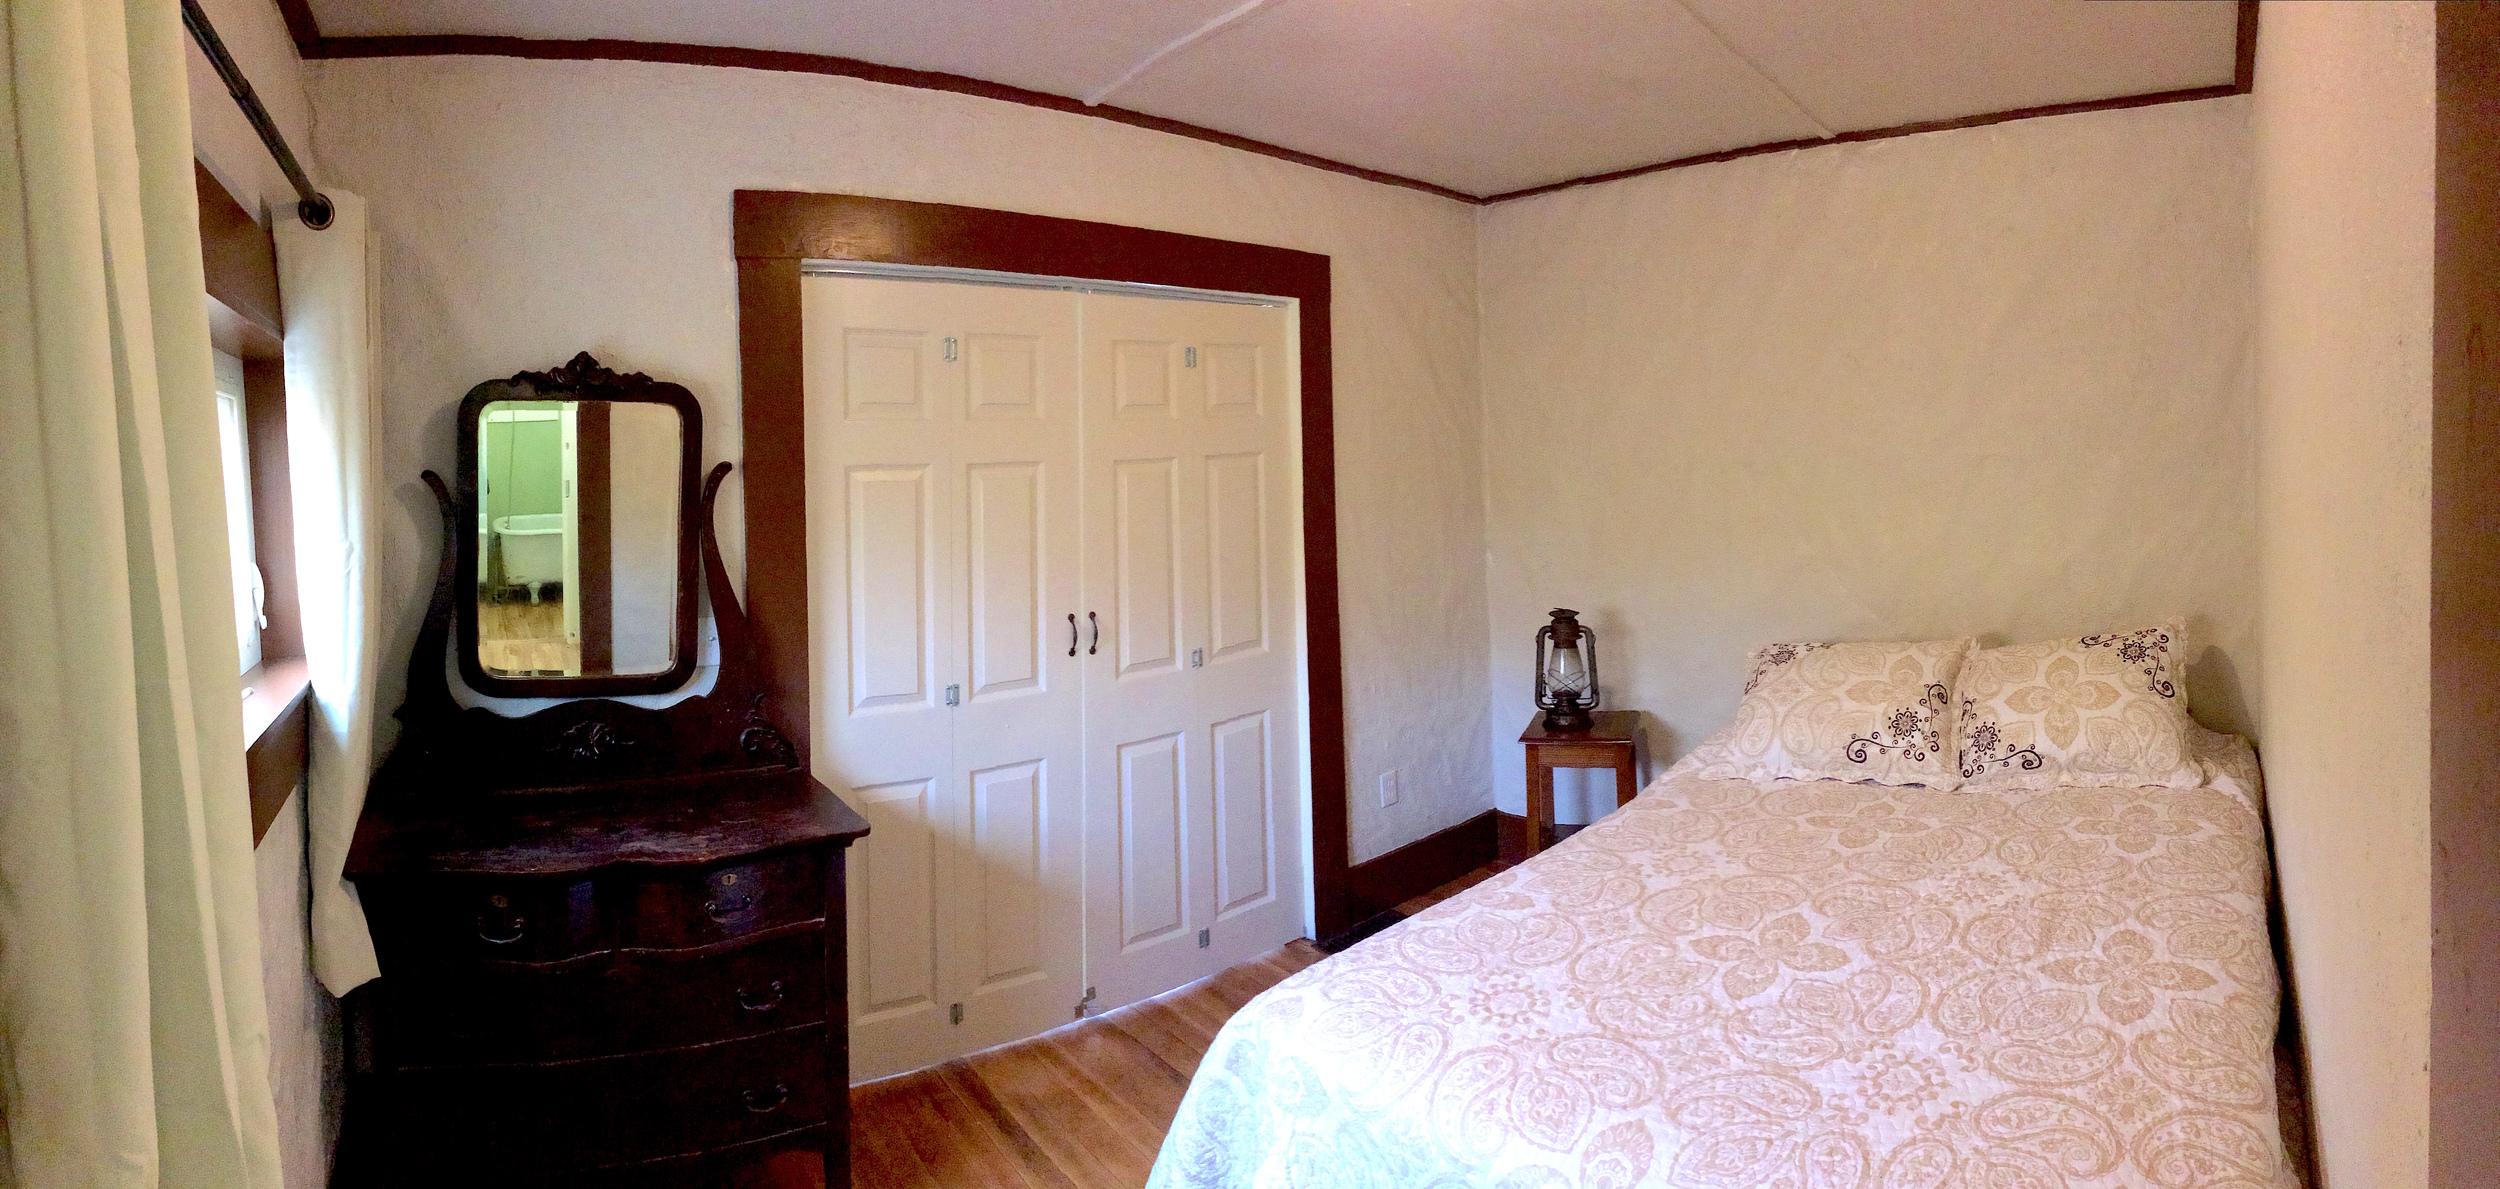 guesthousebedroom.jpg